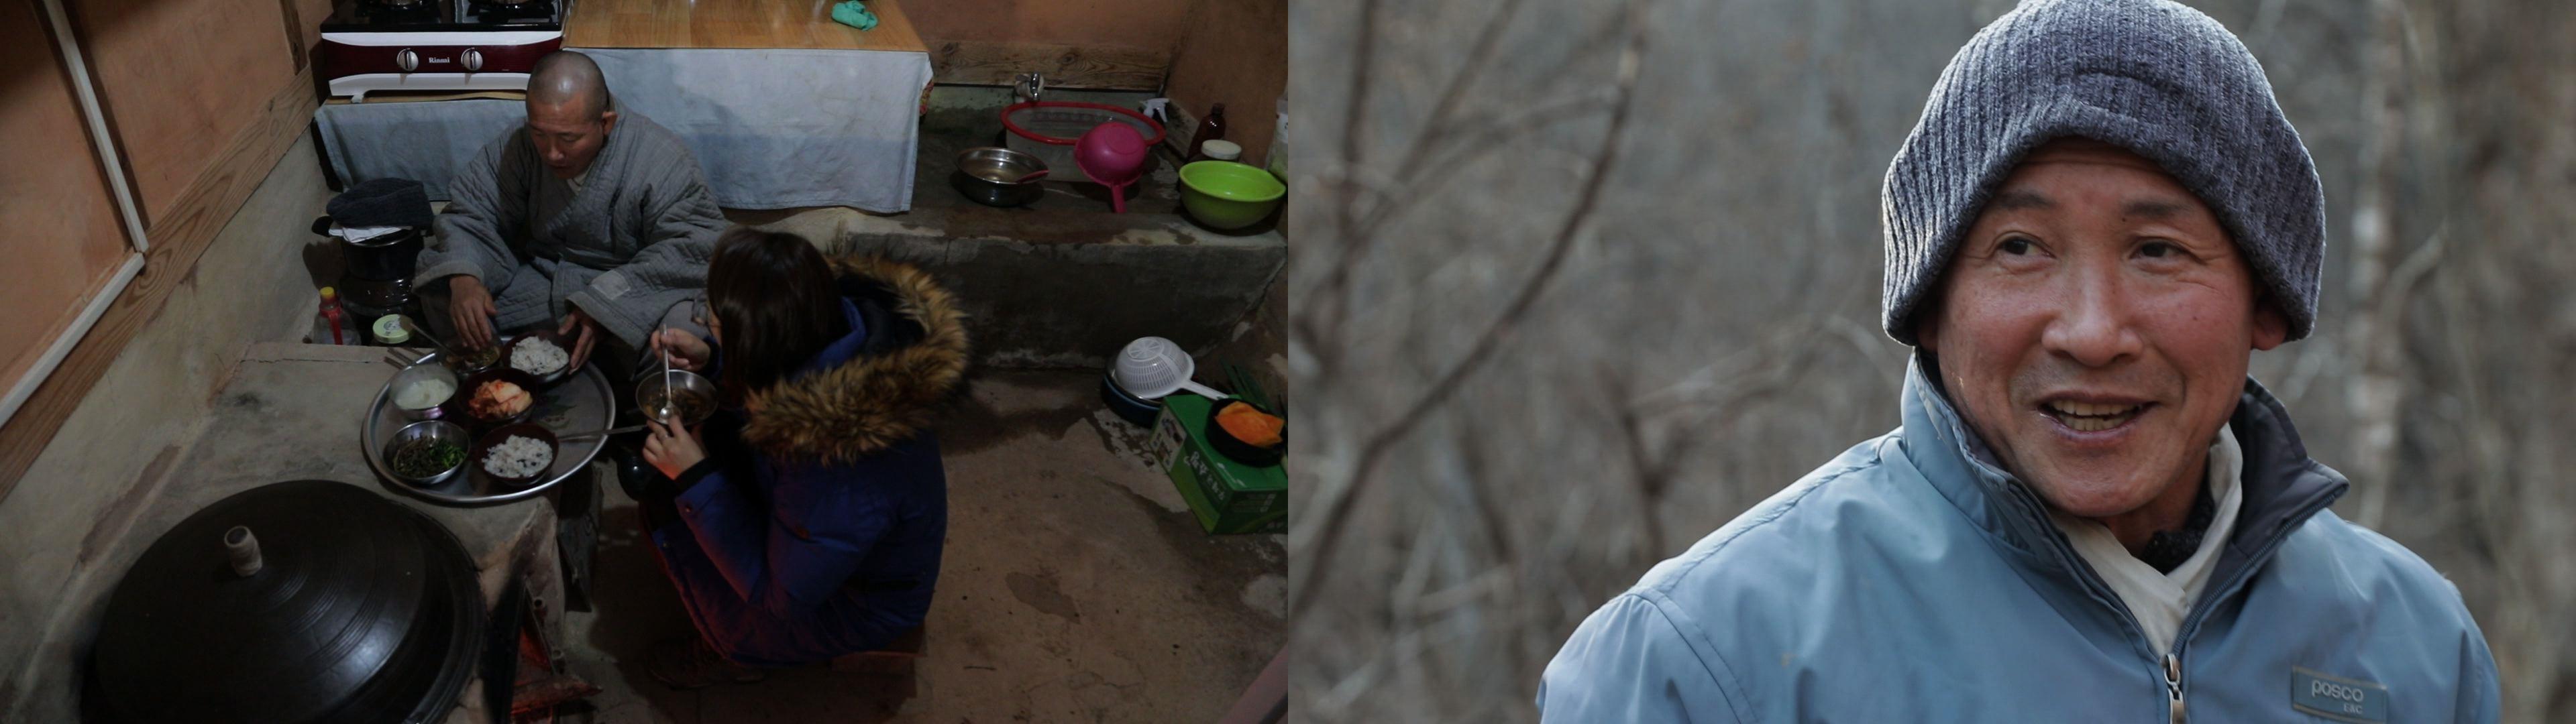 한국기행 - 그 겨울의 산사 2부 단순하게 소박하게